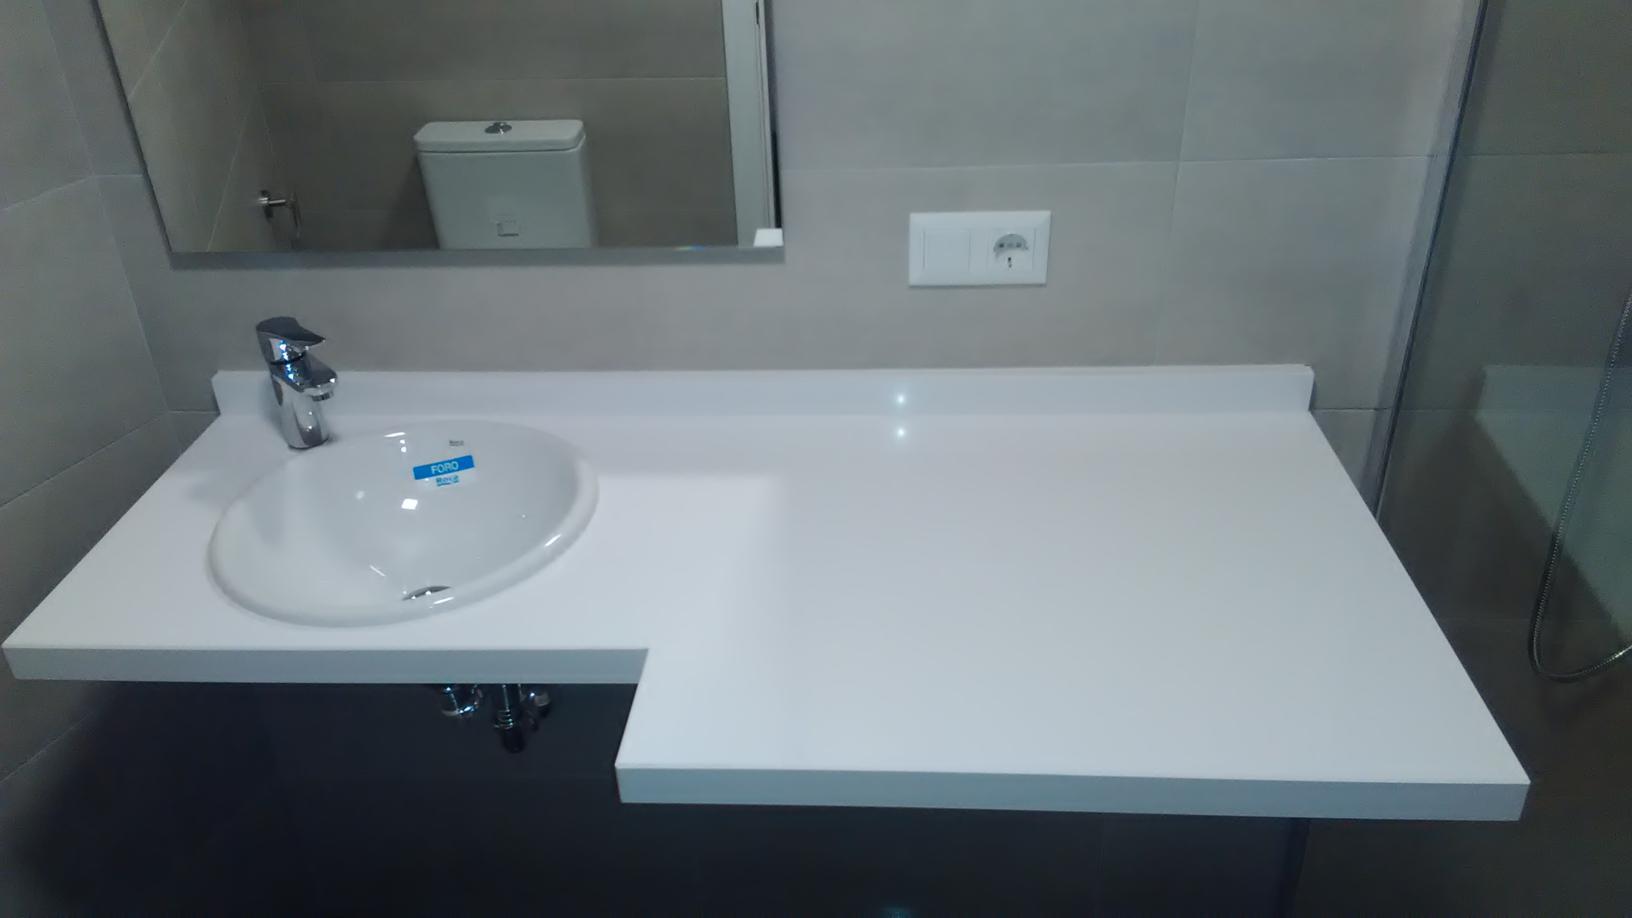 presupuesto de reforma de baños en torrevieja guardamar del segura pilar de la horadada orihuela benejuzar san miguel de salinas bigastro